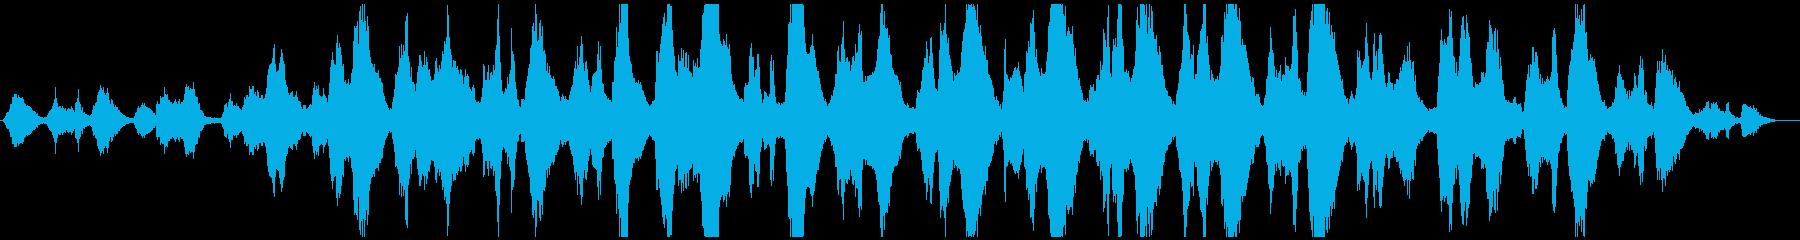 アンビエント。海底エリア。の再生済みの波形